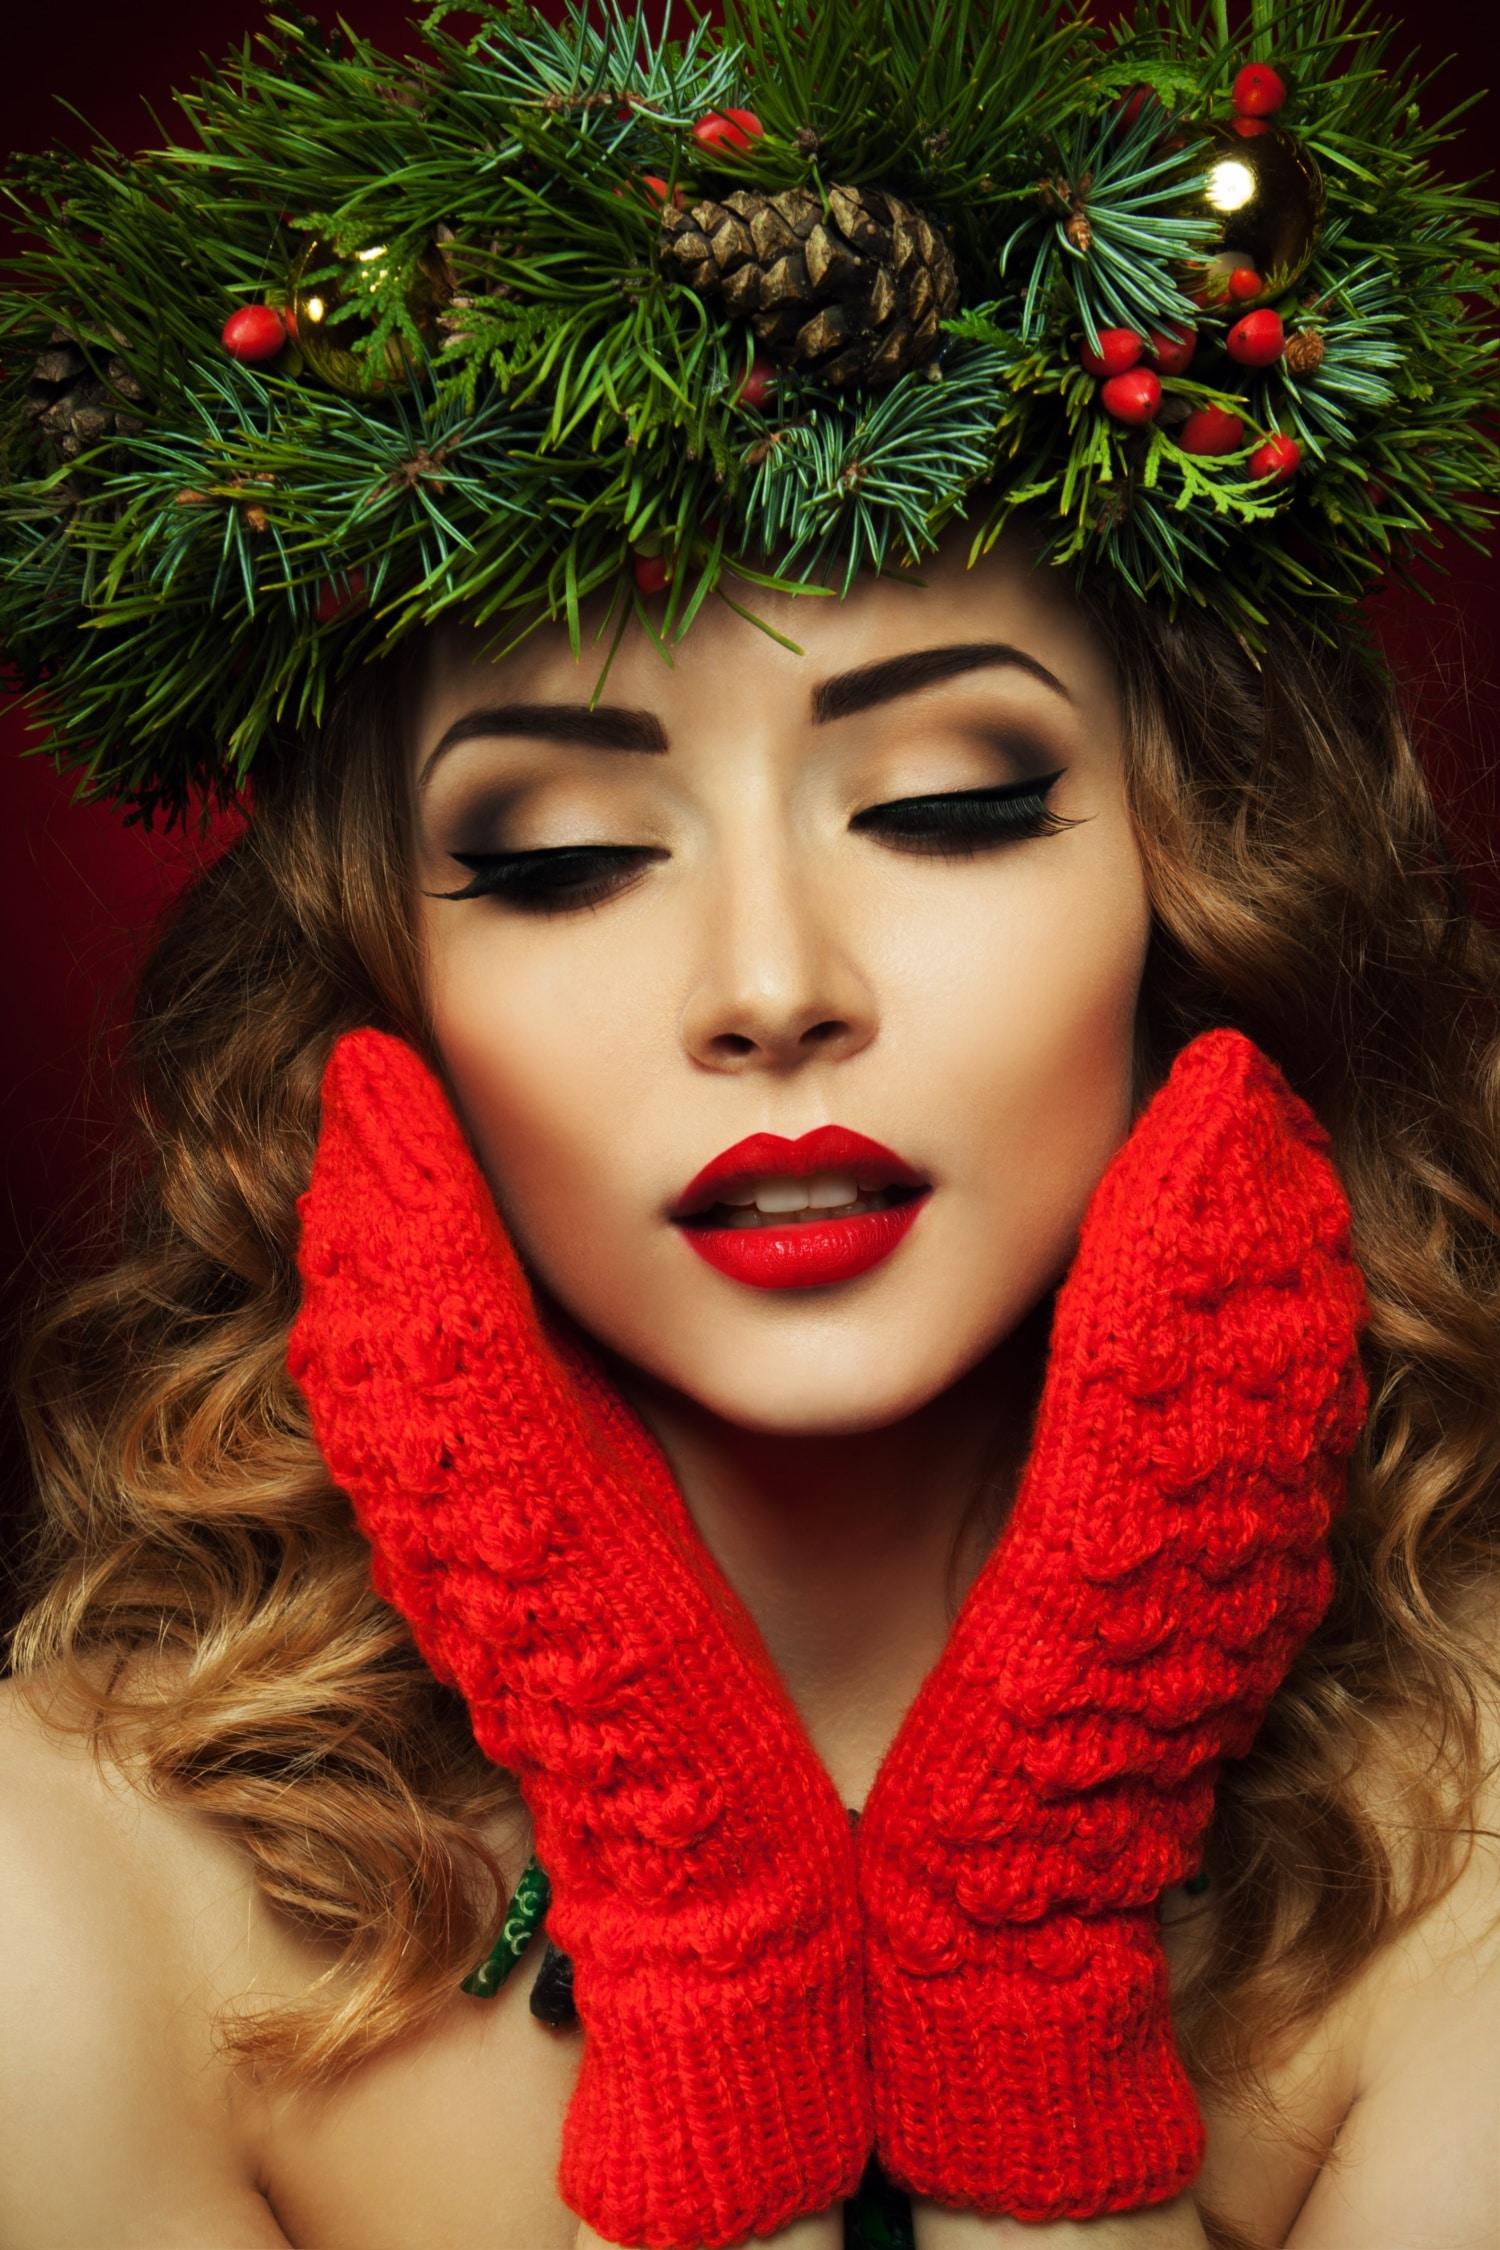 Téli és ünnepi sminkek az idei divat szerint